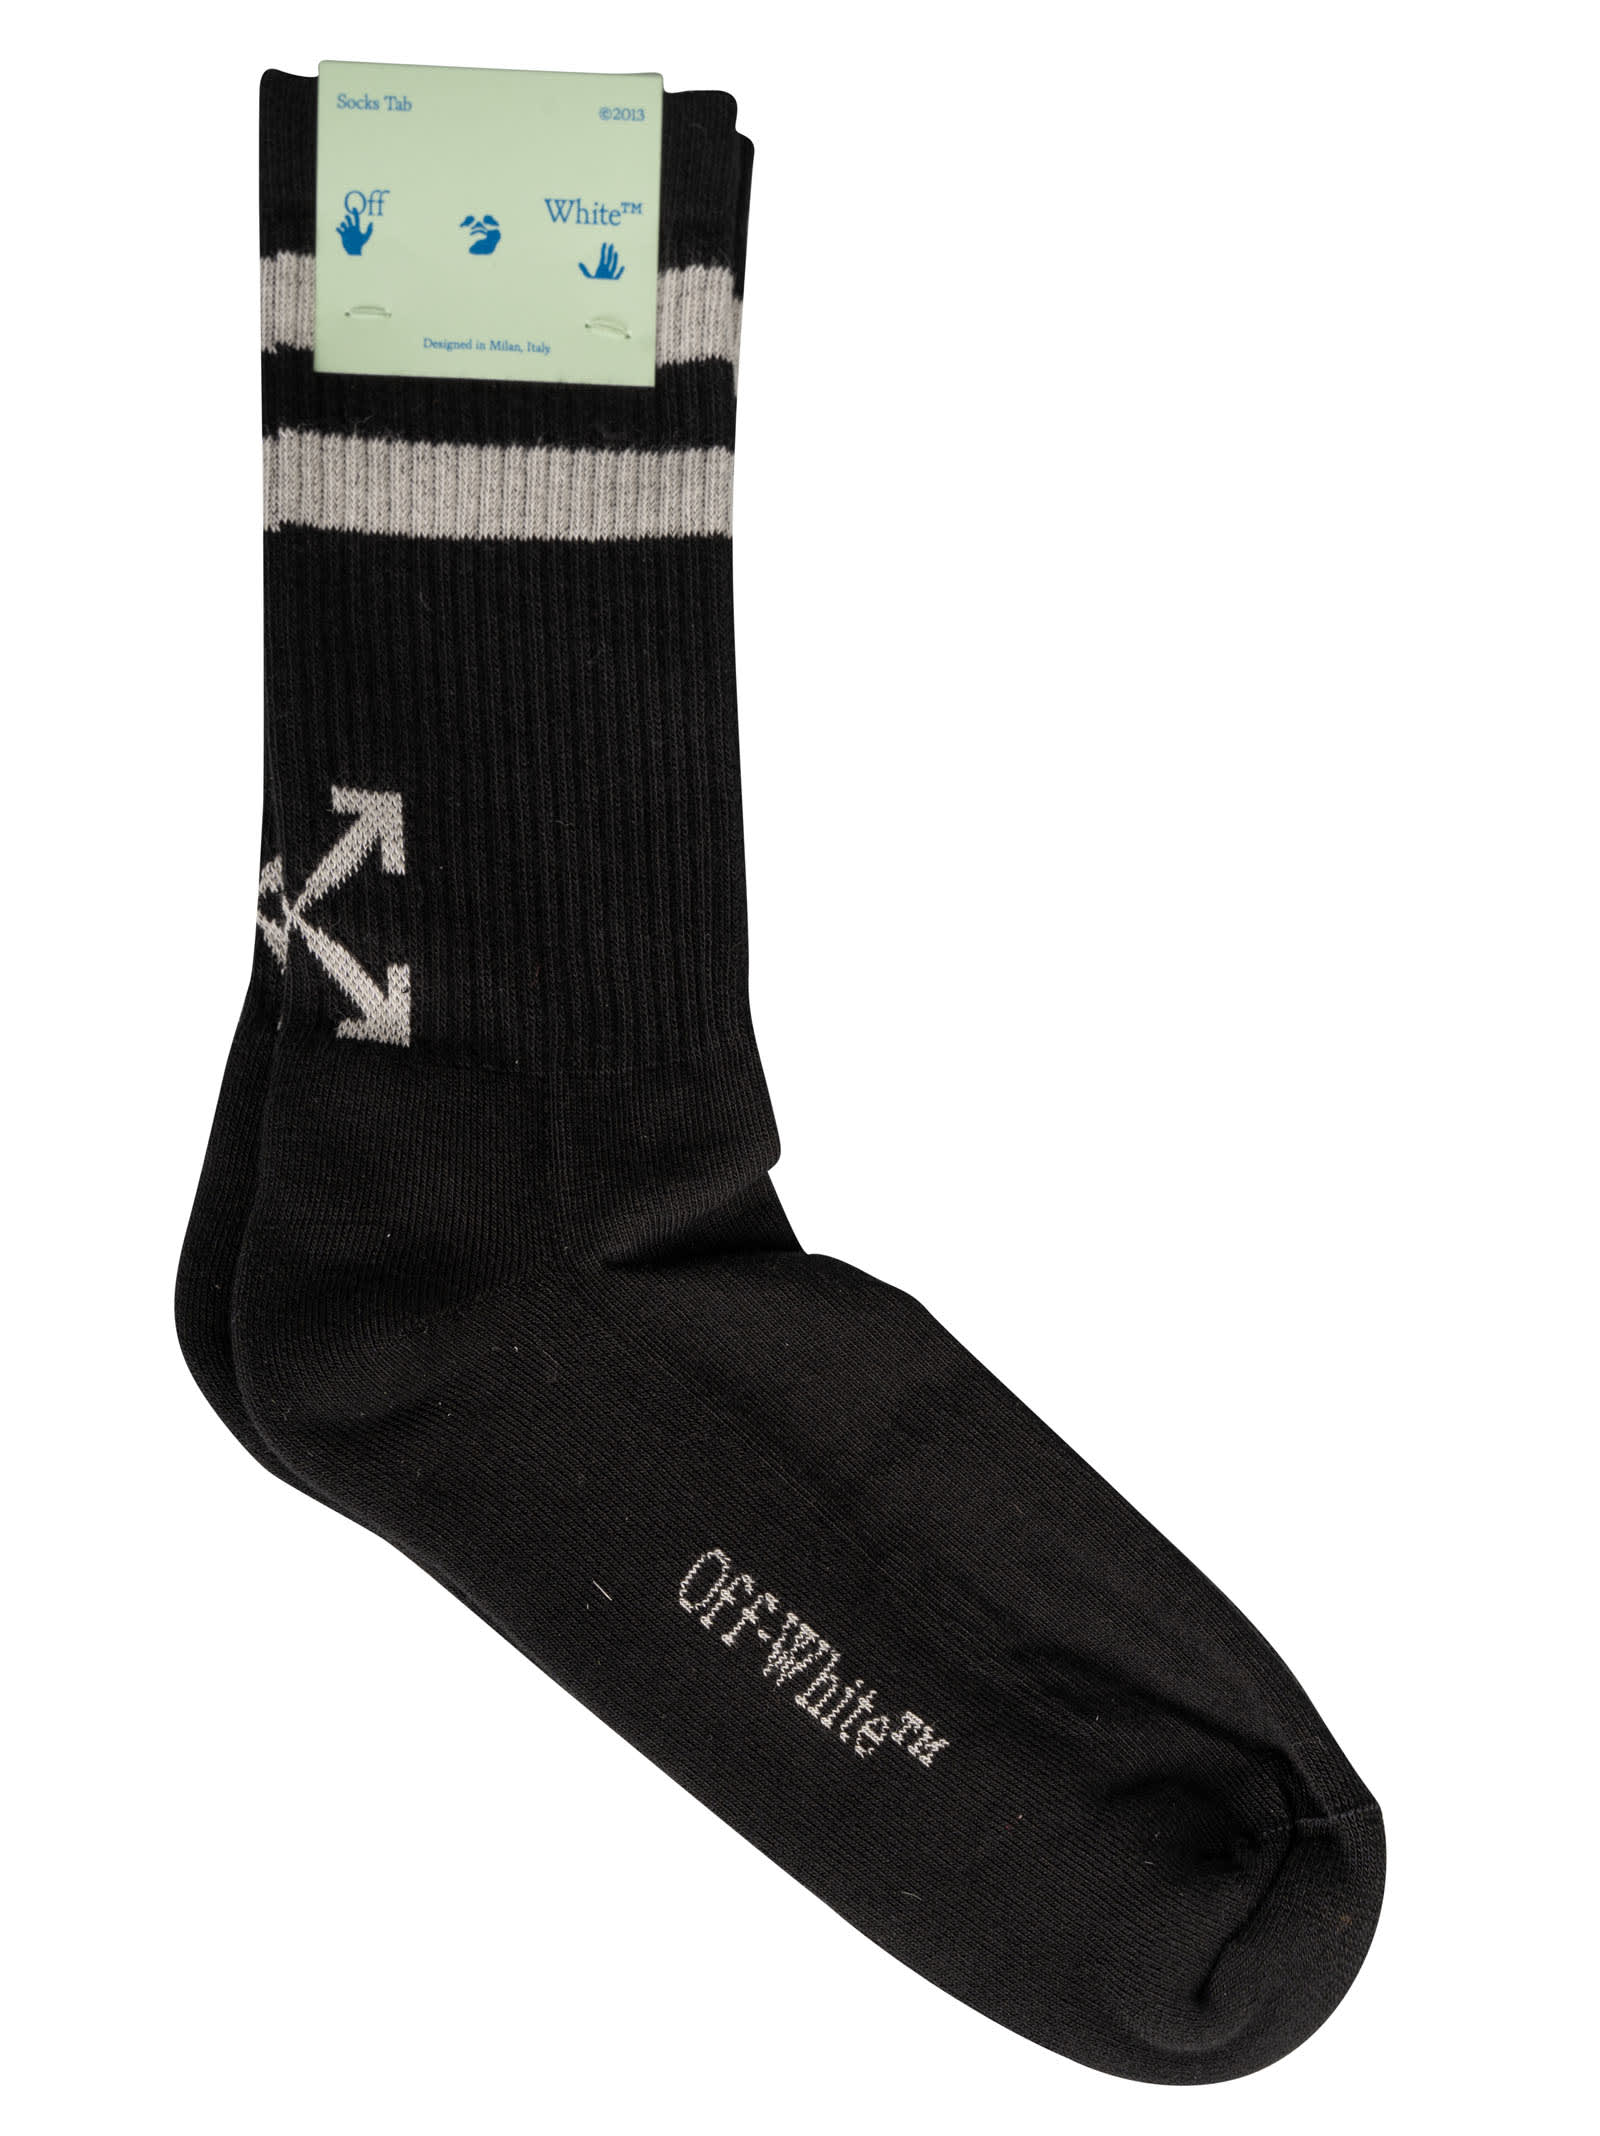 Off-white Striped Socks In Black/white